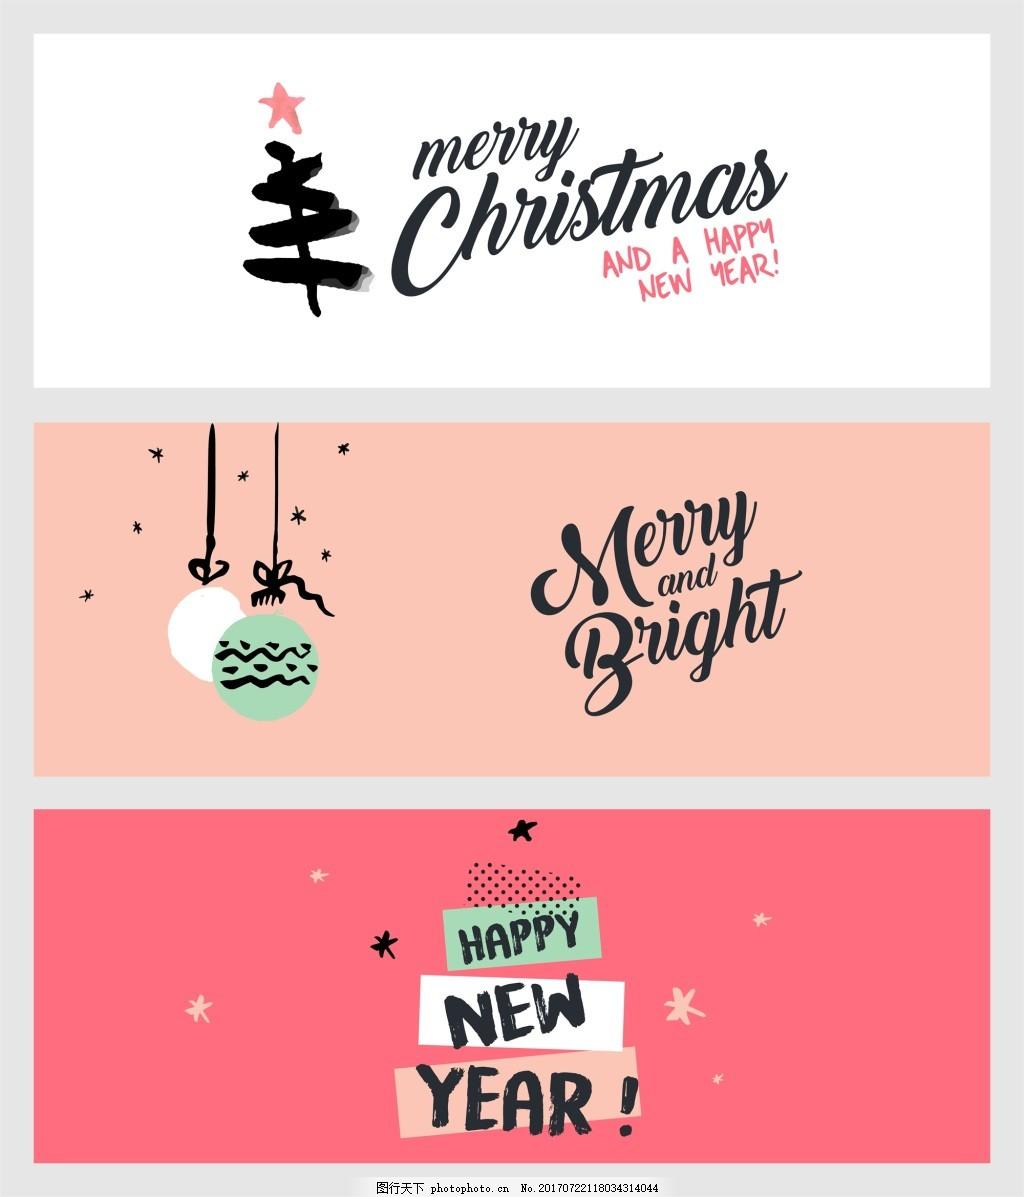 手绘英文粉红色圣诞新年横幅海报矢量